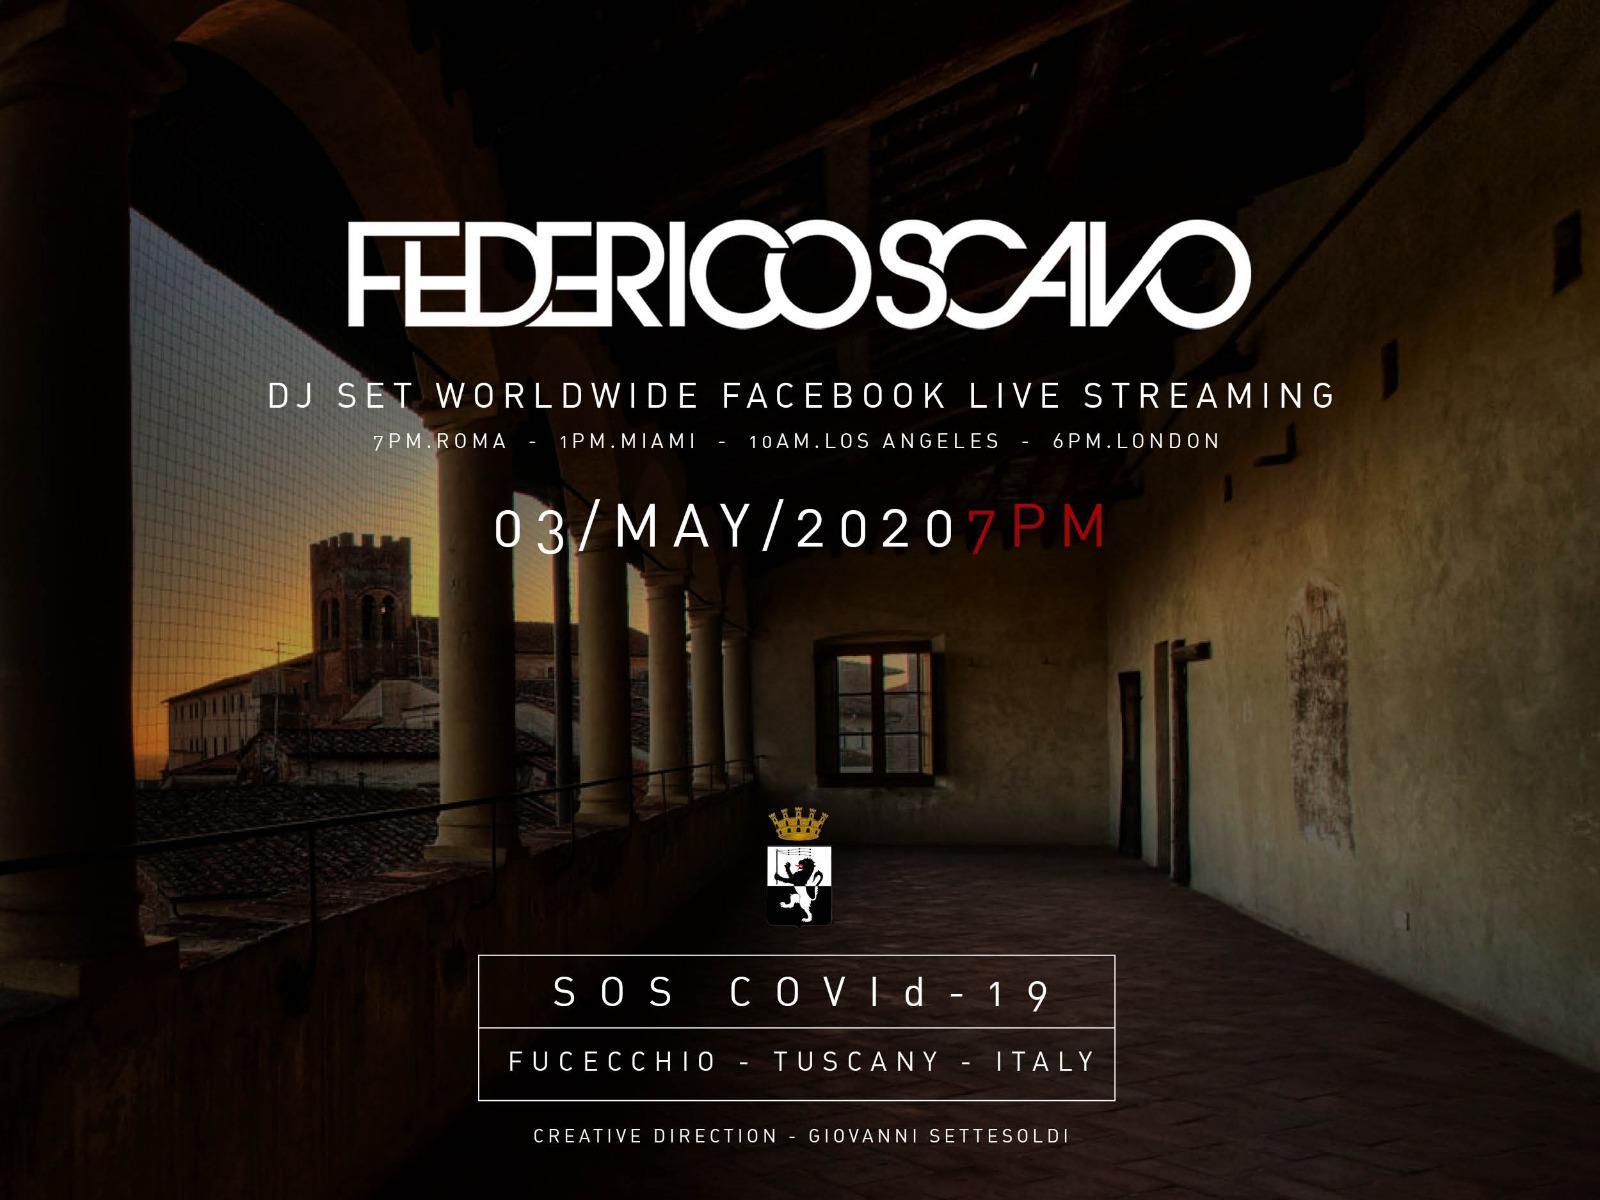 Federico Scavo live streaming pagina Facebook Instagram Numa Bologna